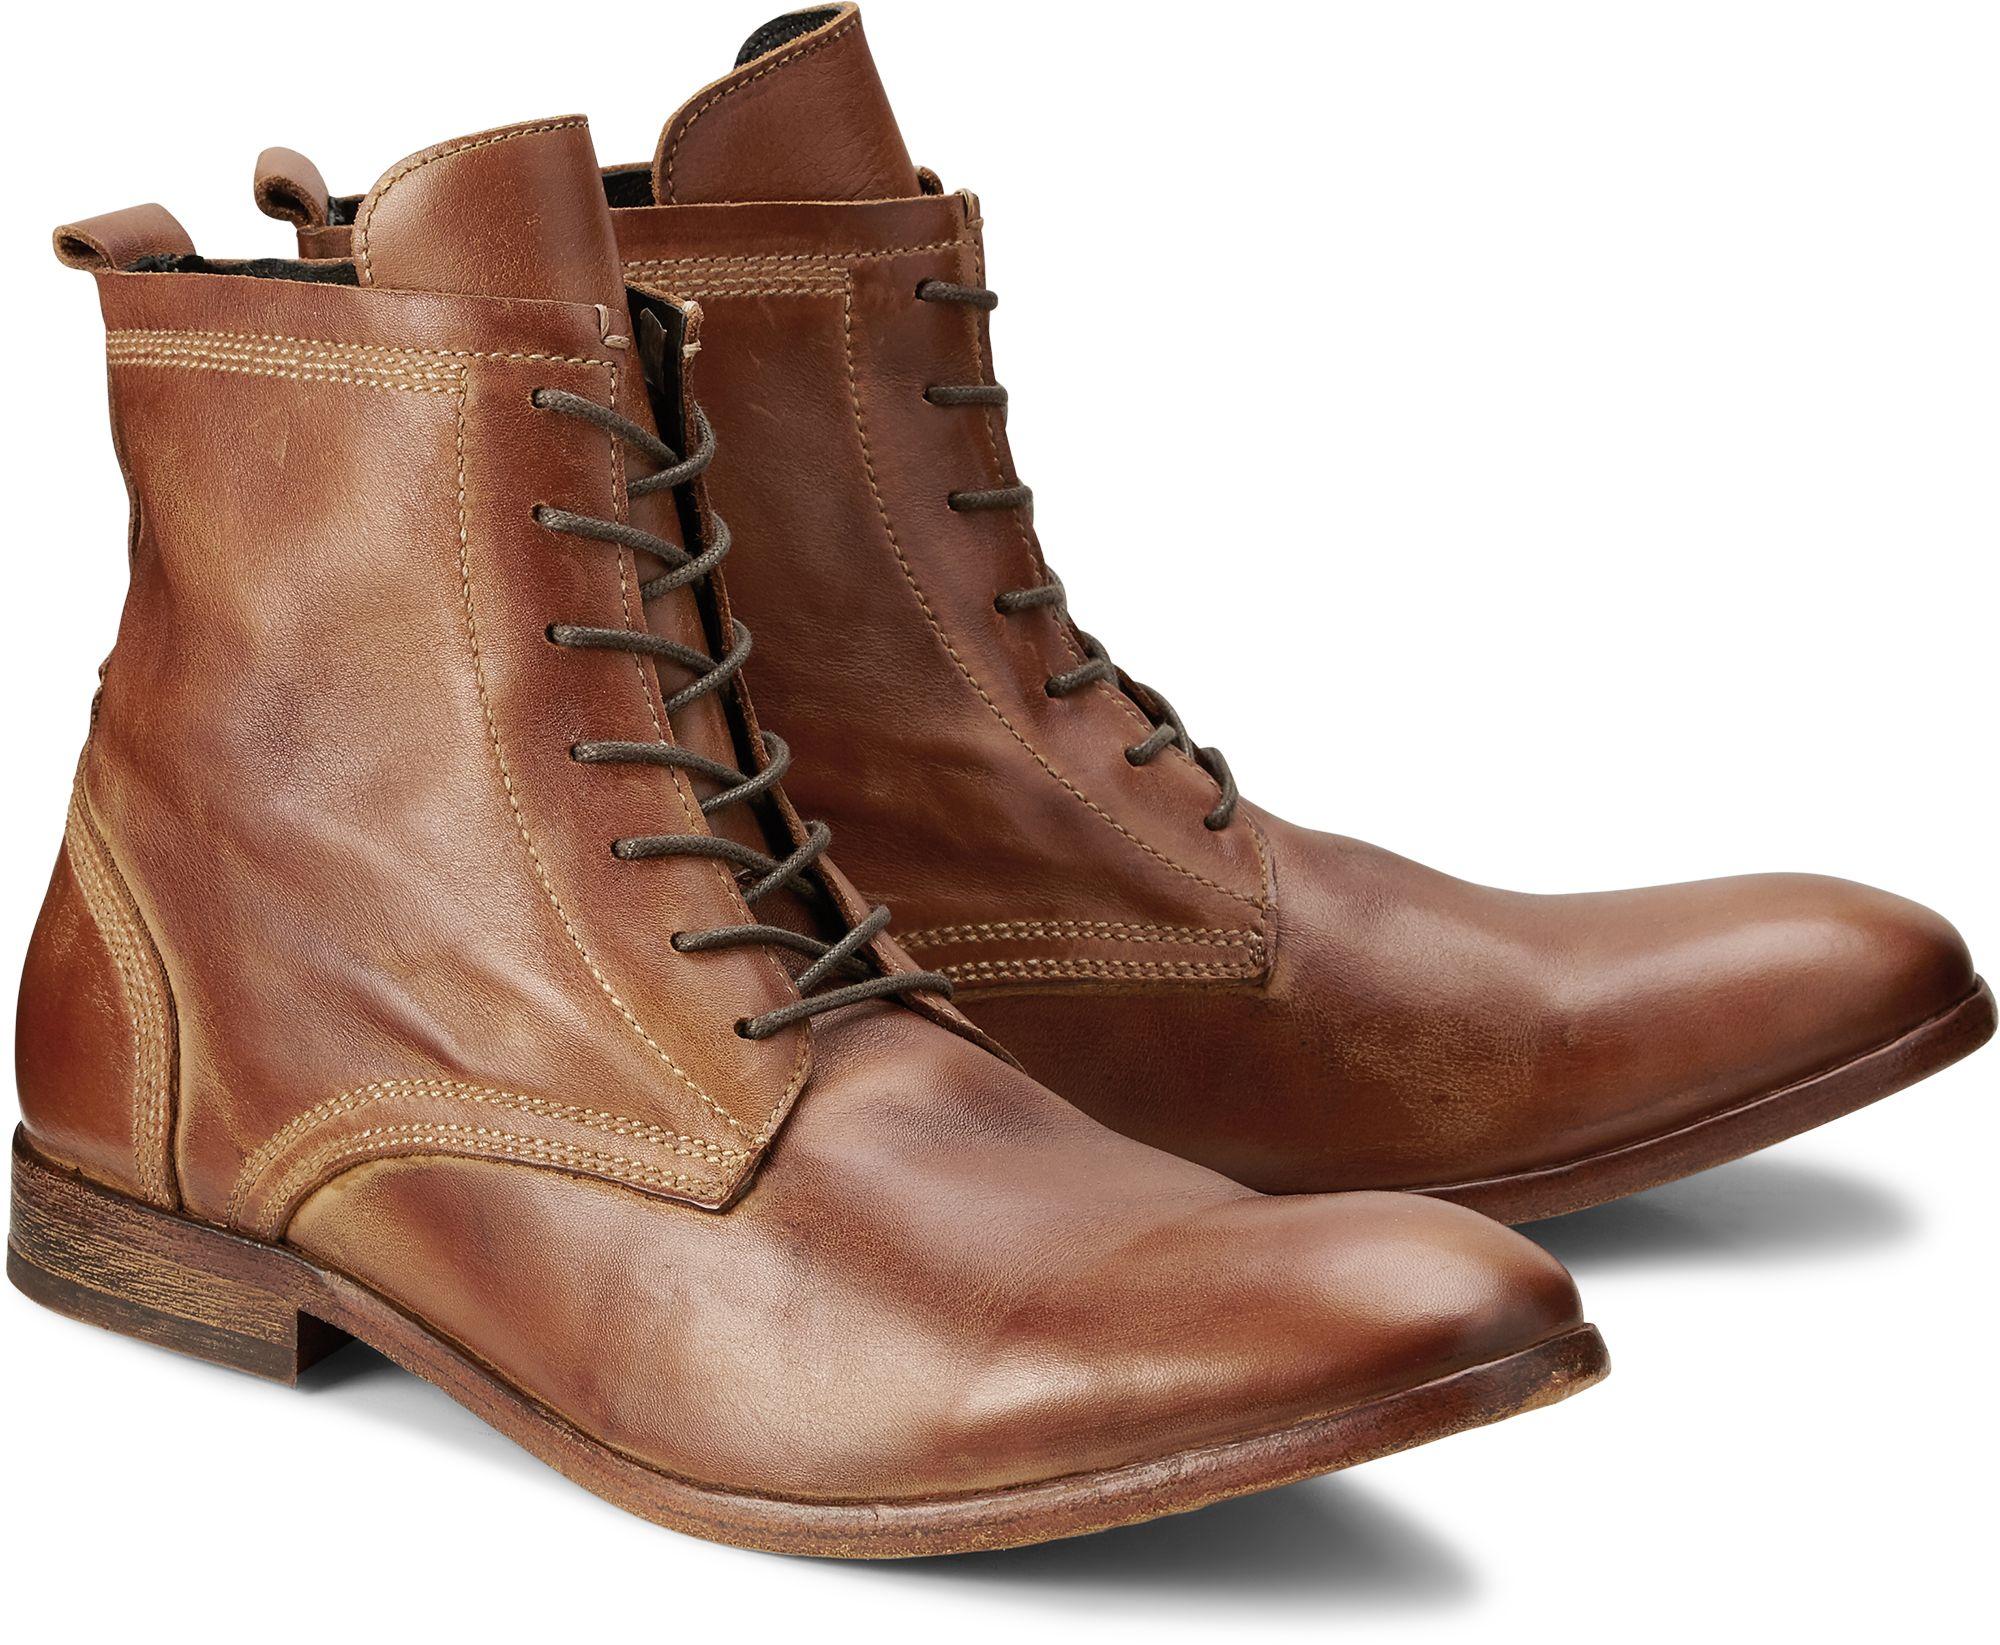 Boots SWATHMORE von H by Hudson in braun hell für Herren. Gr